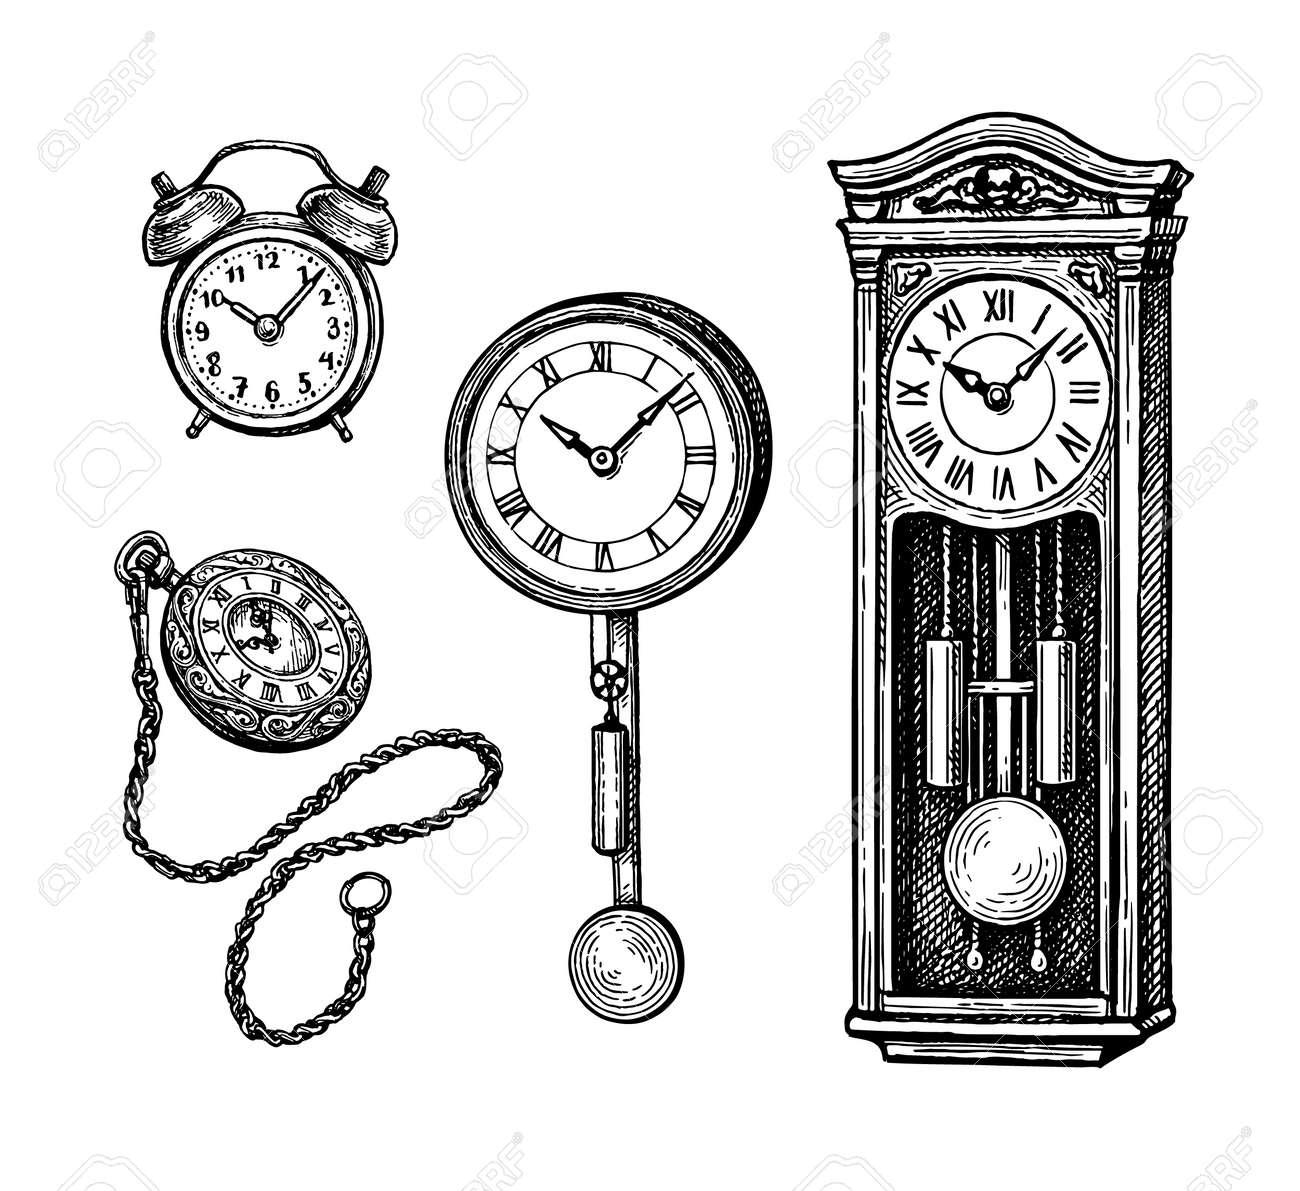 Ink sketch set of vintage clocks - 147458926